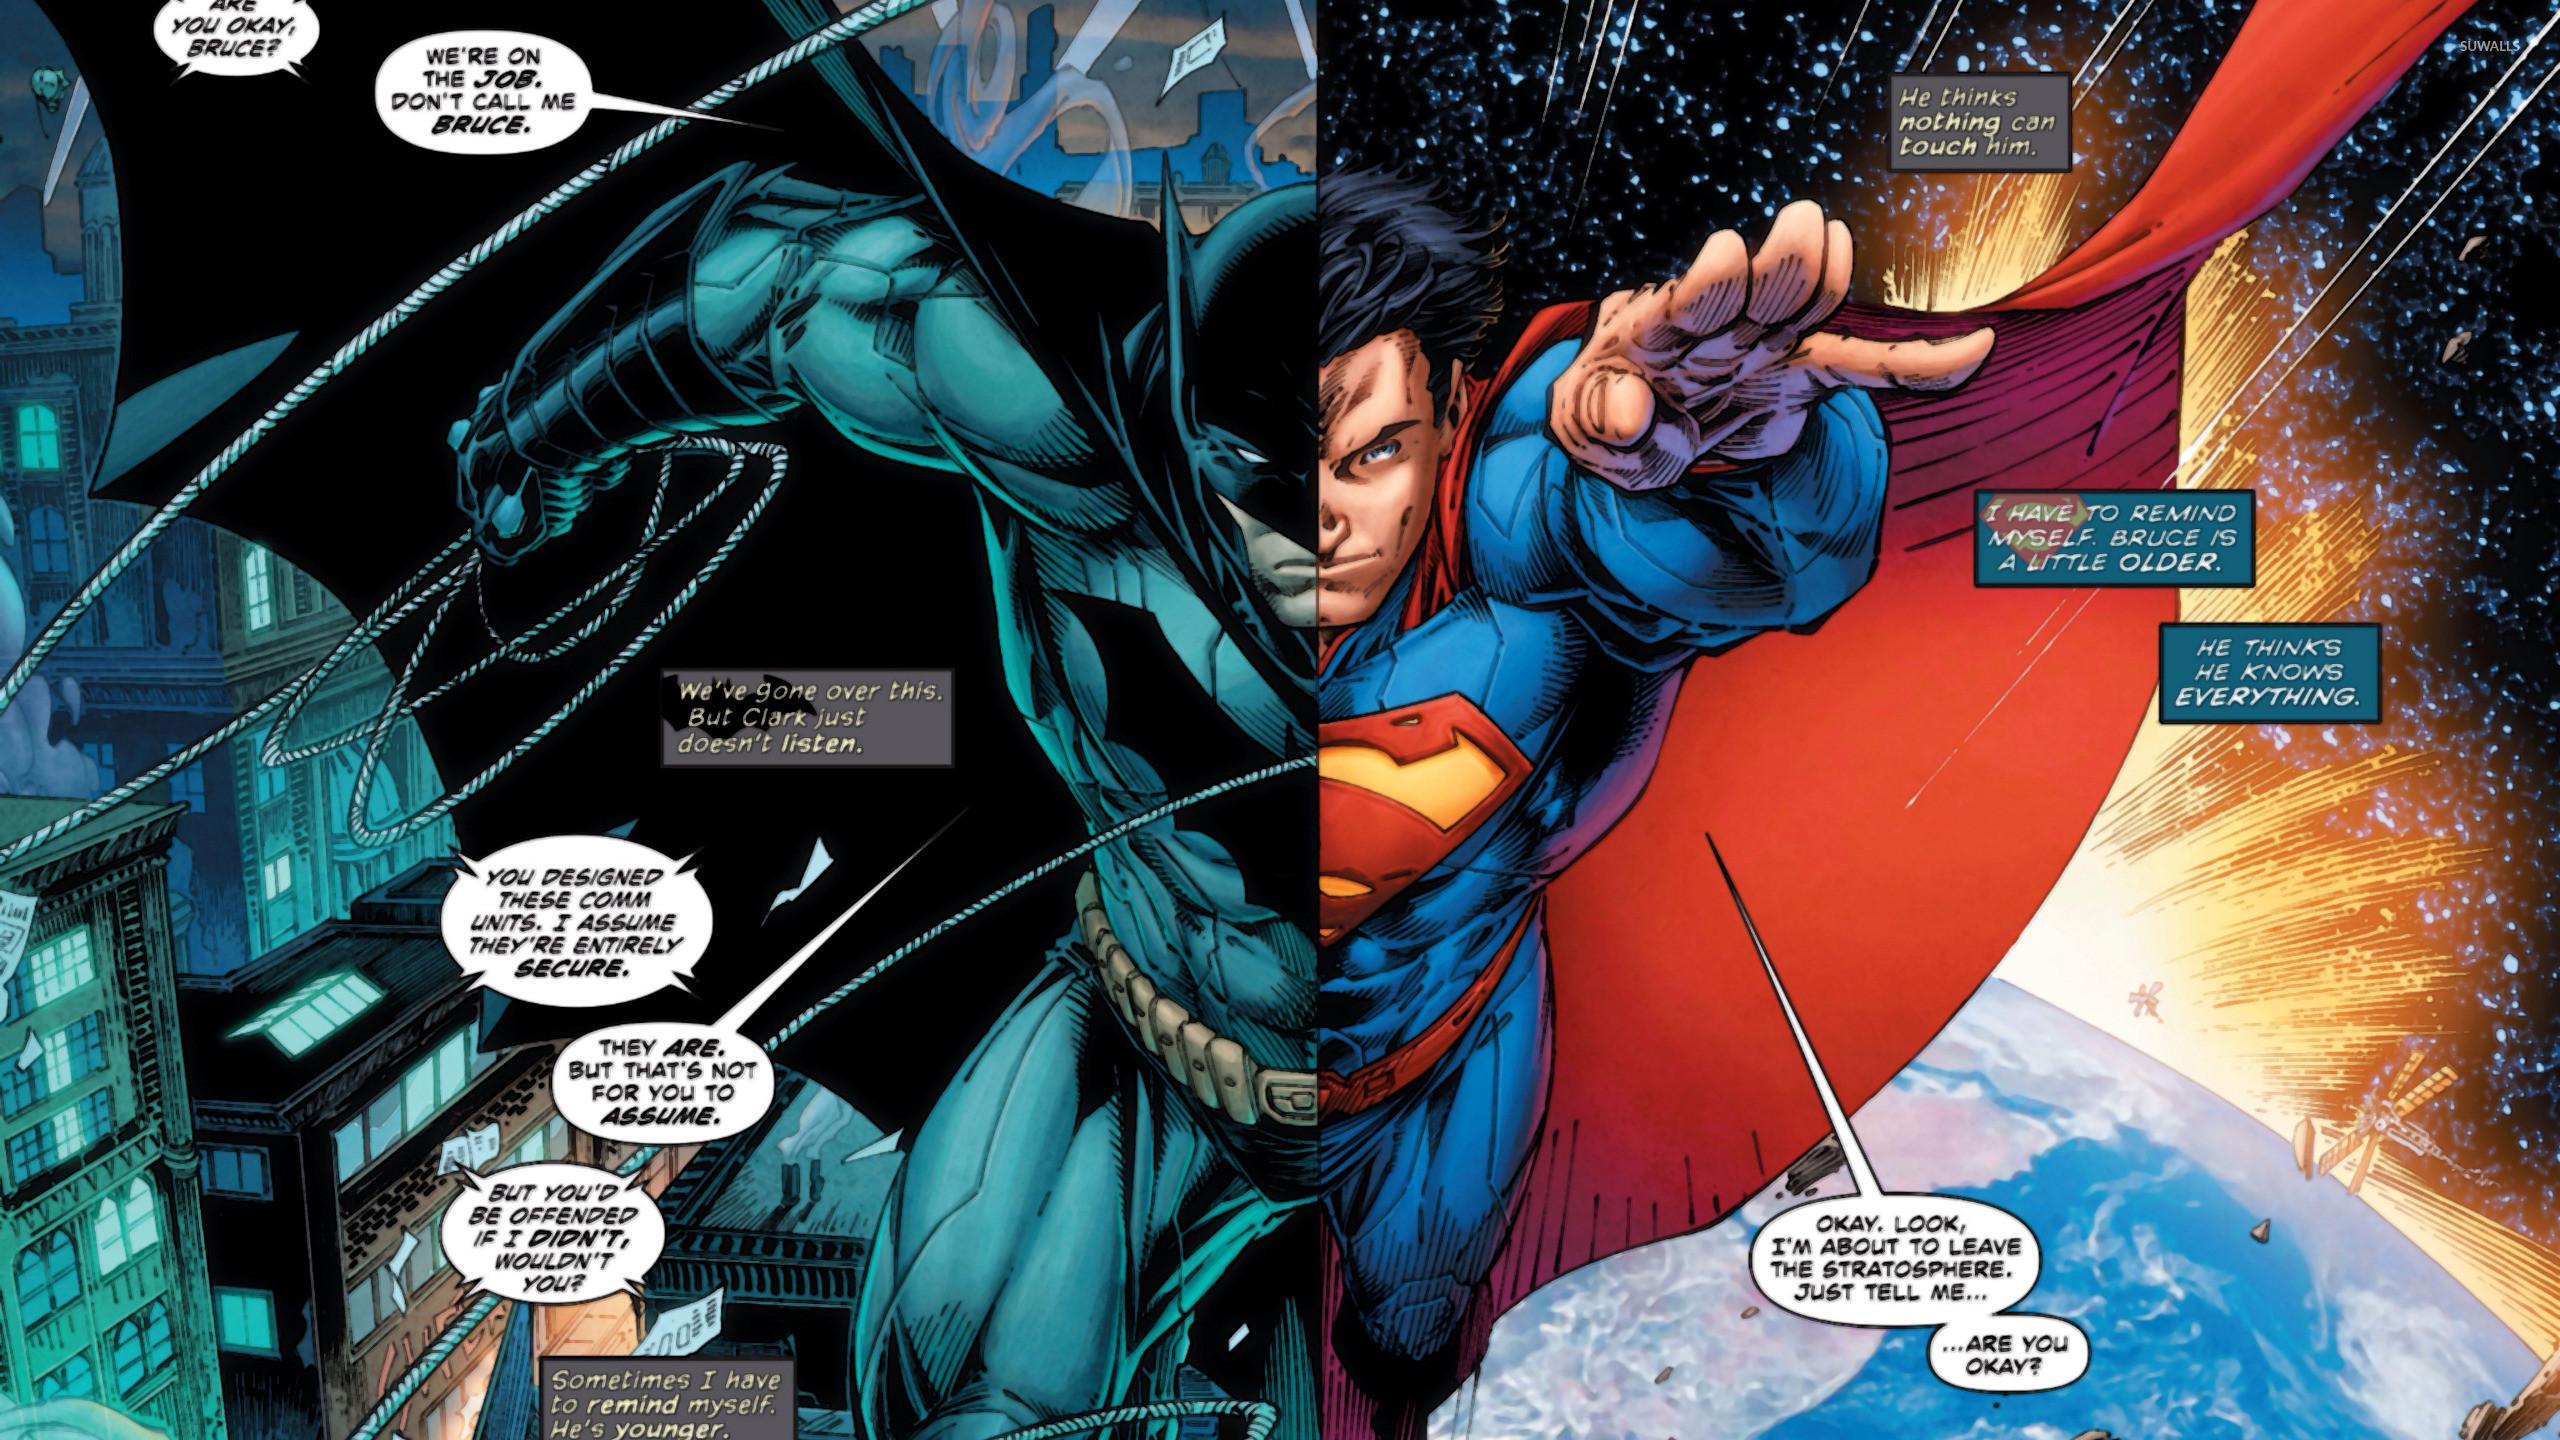 Res: 2560x1440, Superman and Batman wallpaper